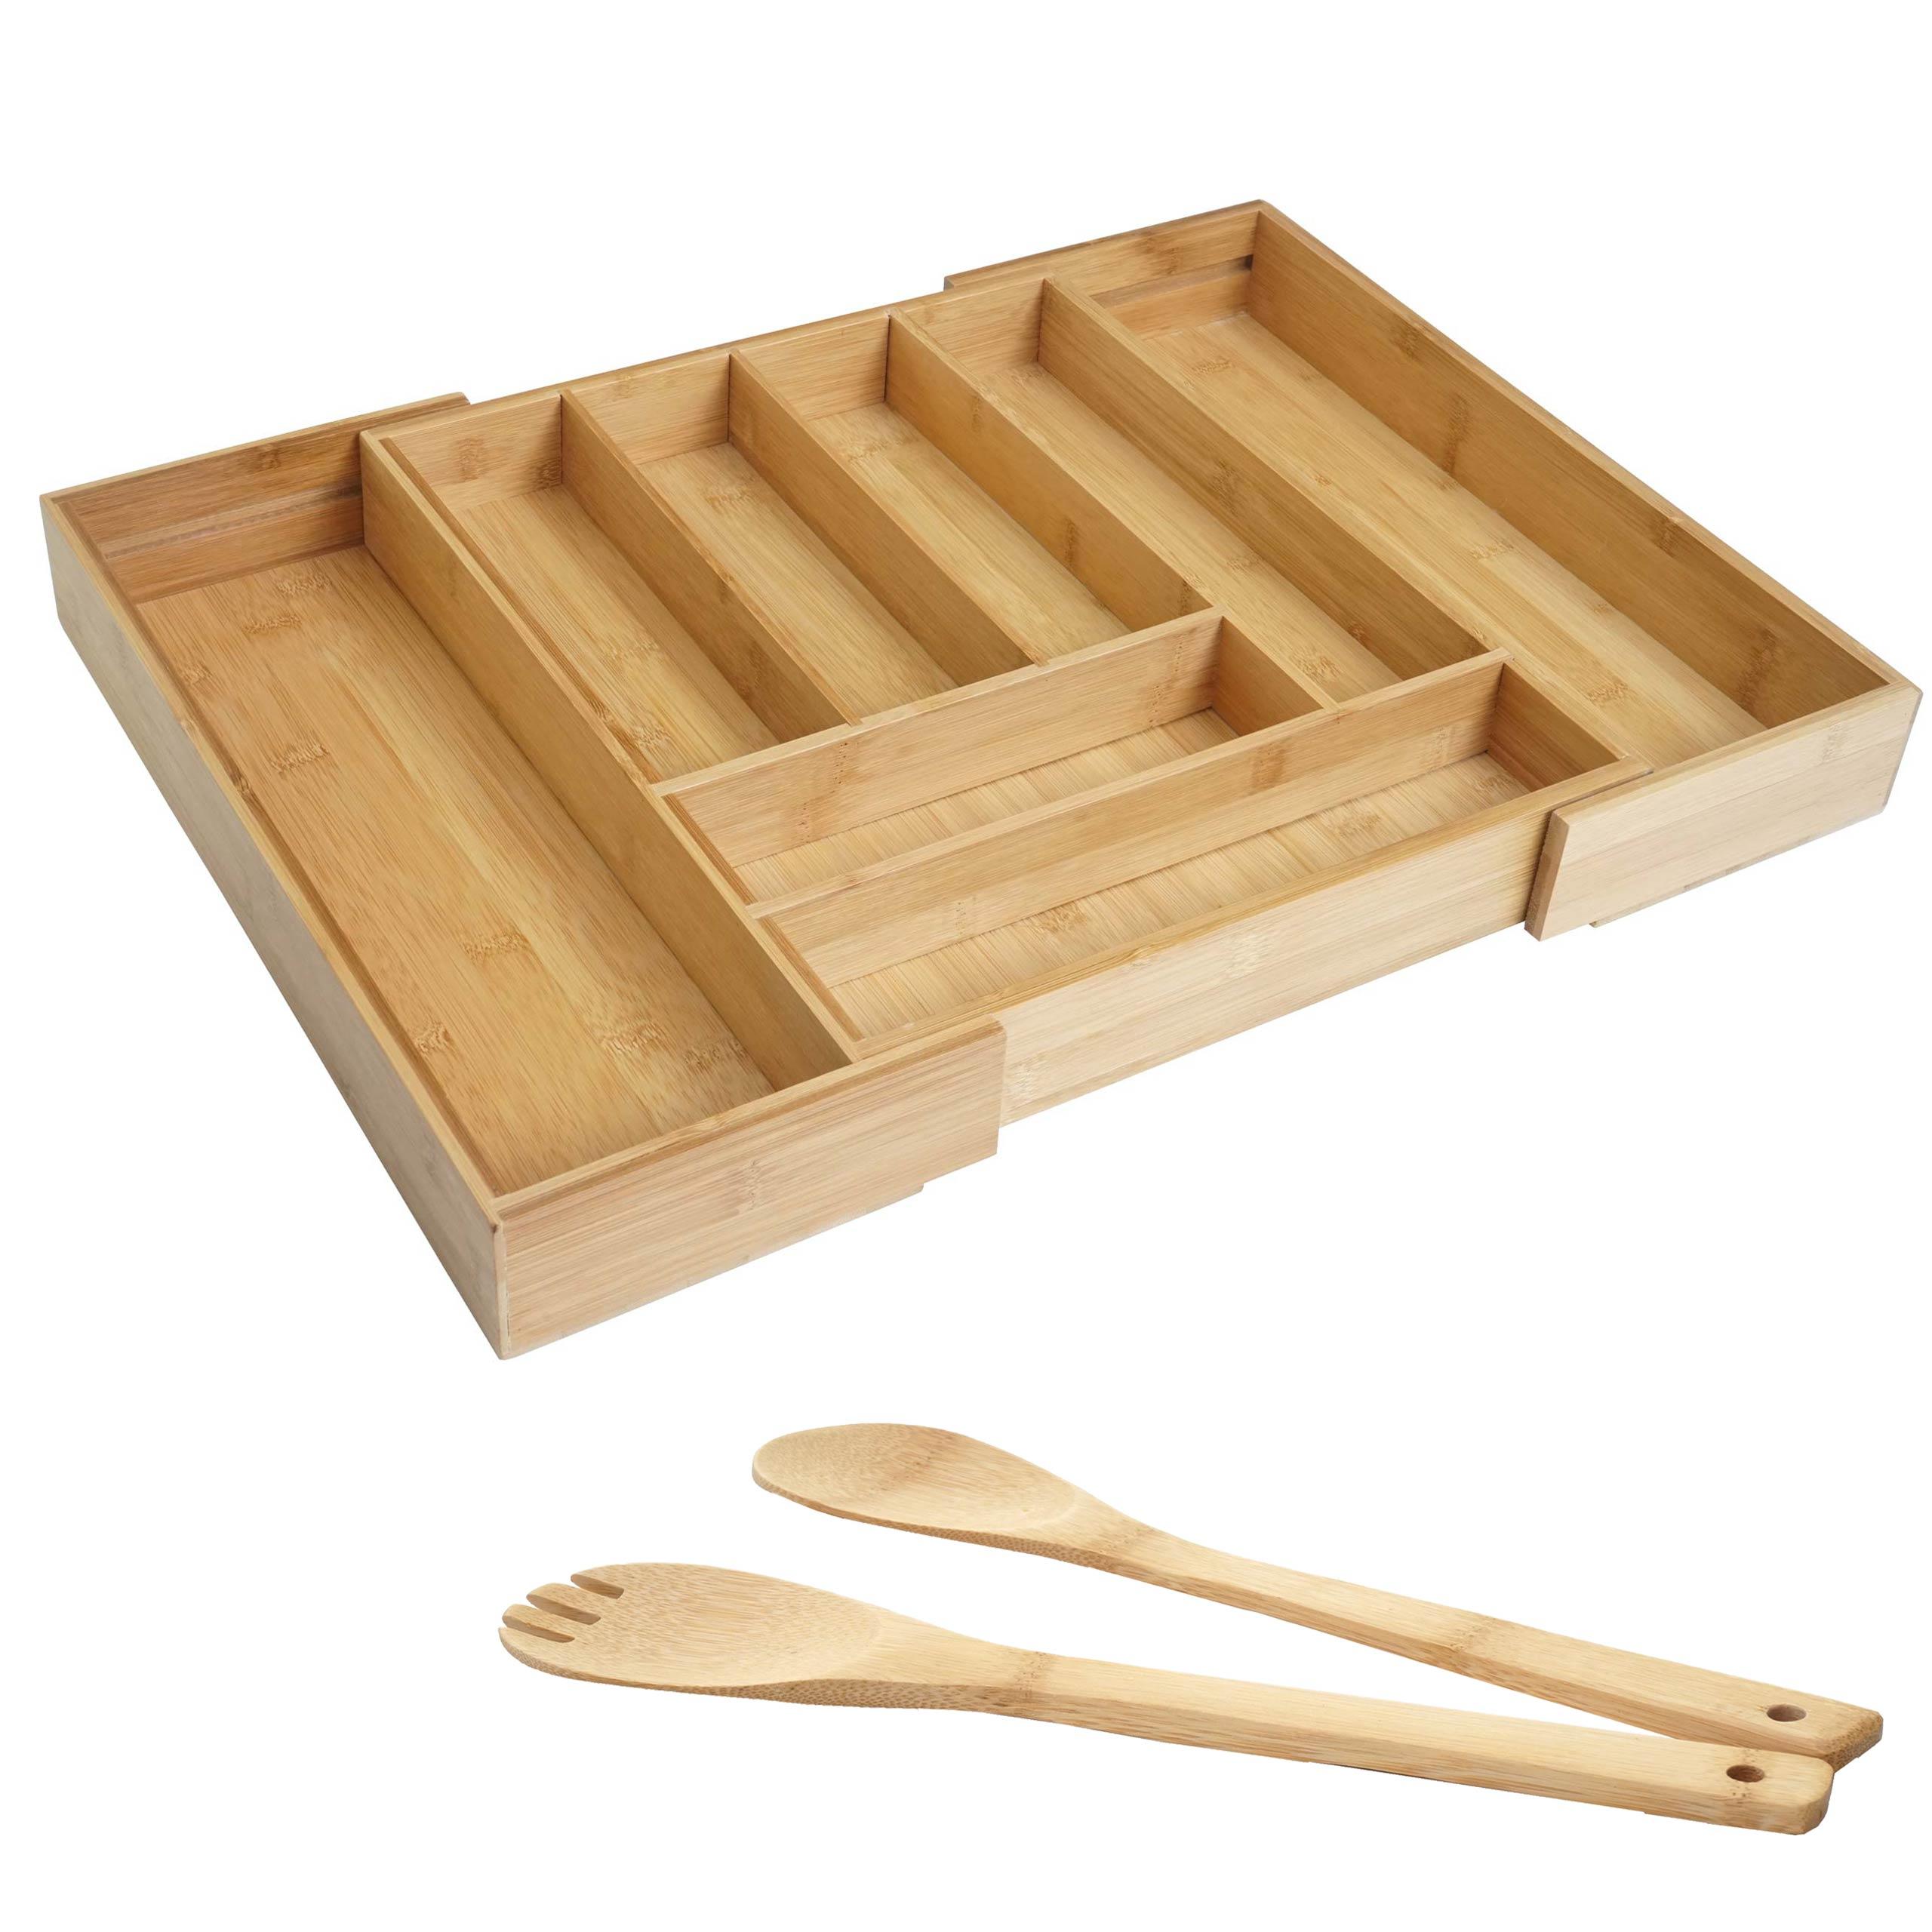 Mendler Besteckkasten + Salatbesteck HWC-B20, Schubladeneinsatz Geschirrkasten Servierbesteck Küchenzubehör, 57559+60928